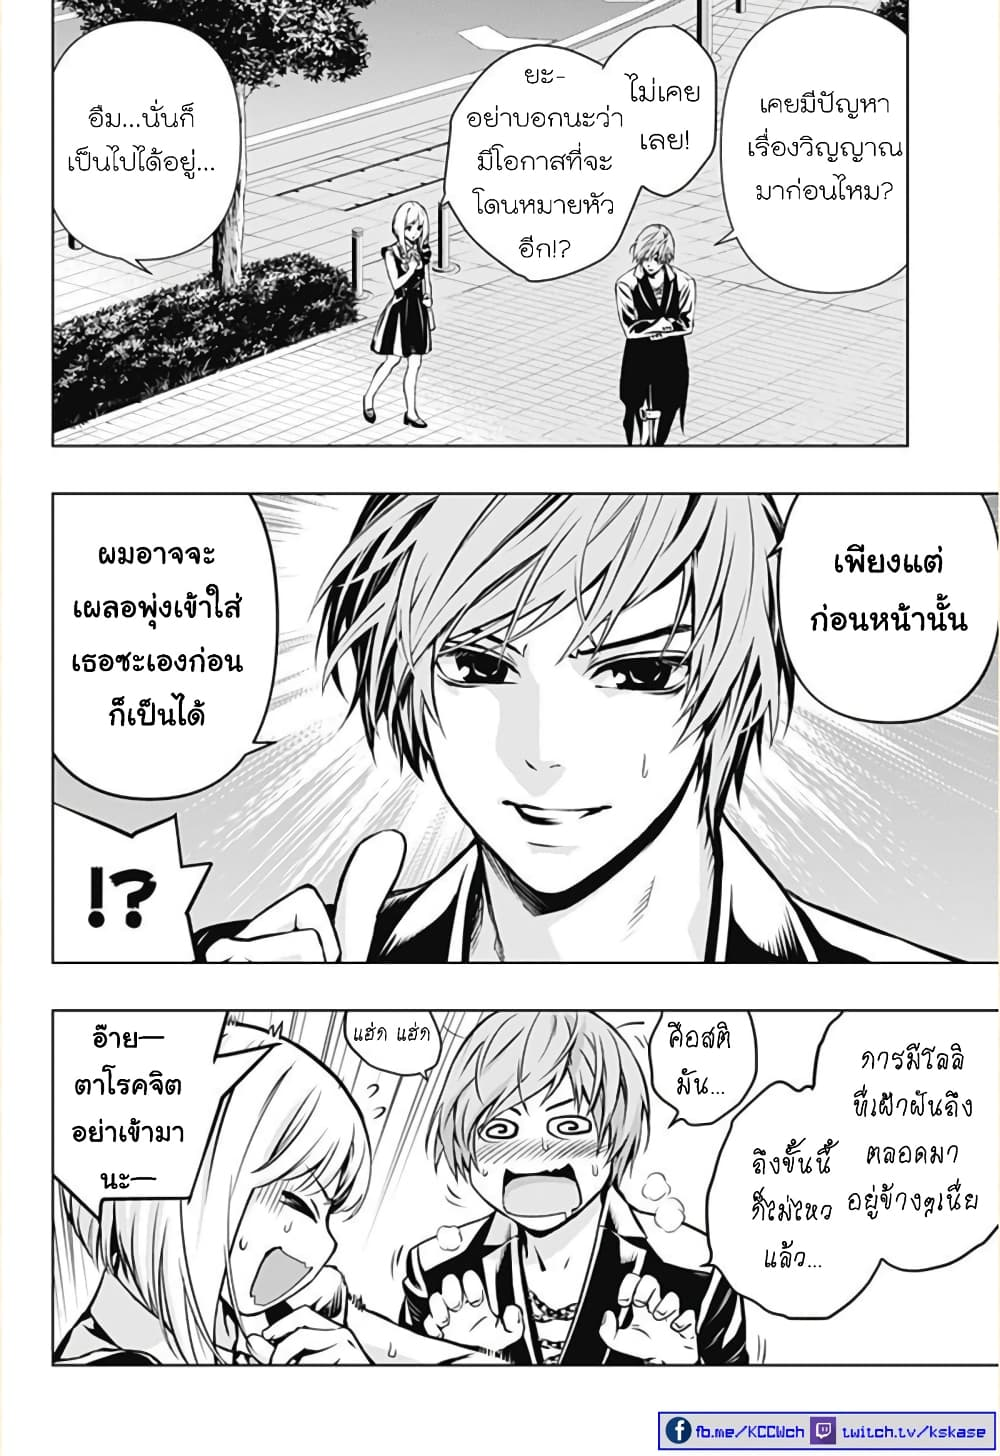 อ่านการ์ตูน Ghost Girl ตอนที่ 1 หน้าที่ 37